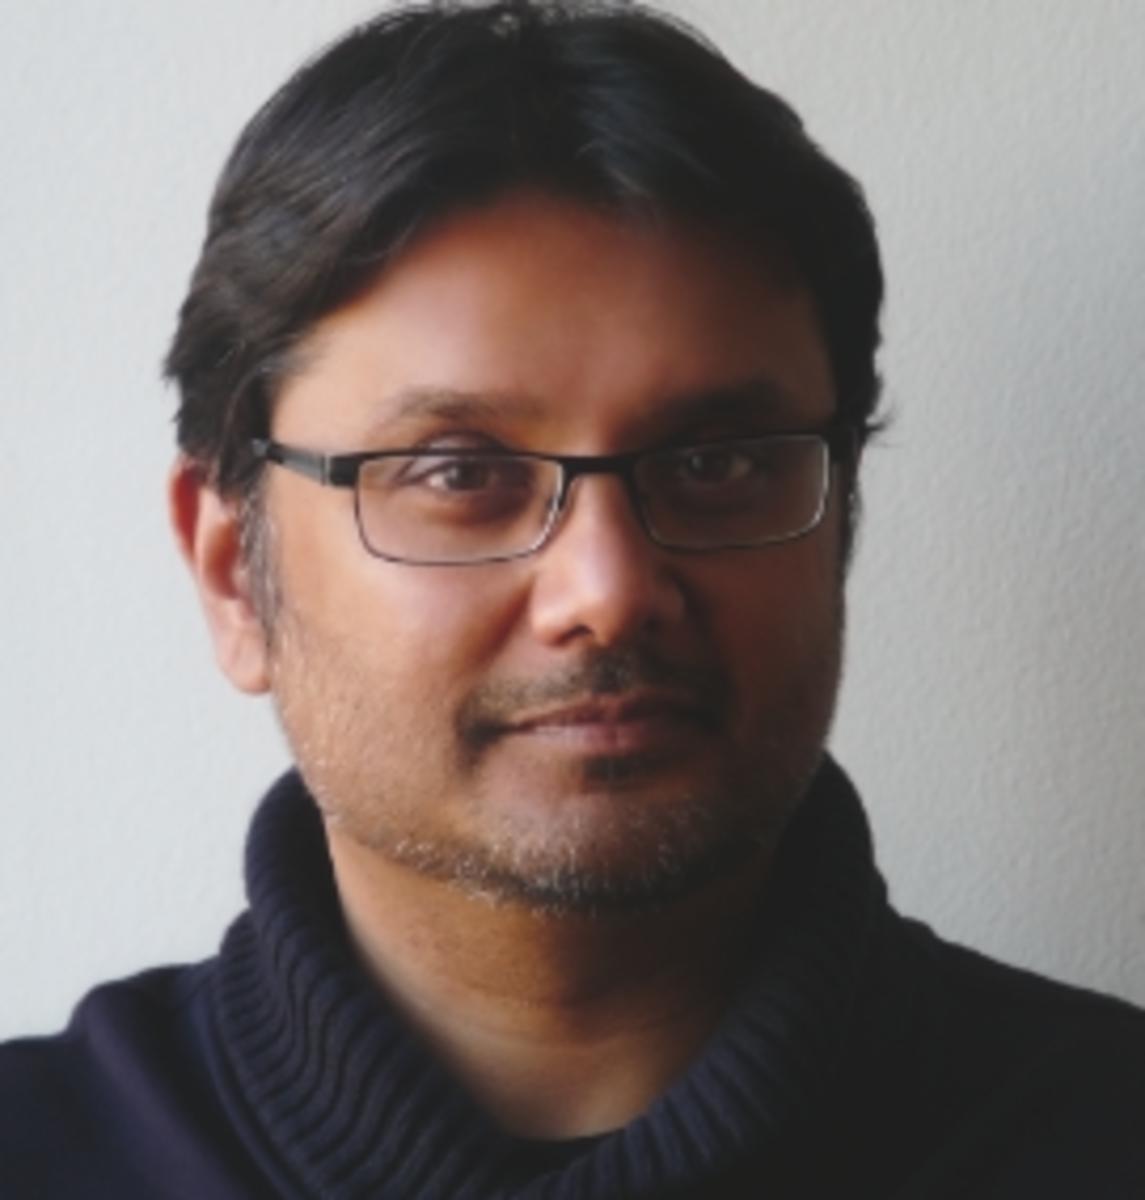 AX-ahmad-writer-author